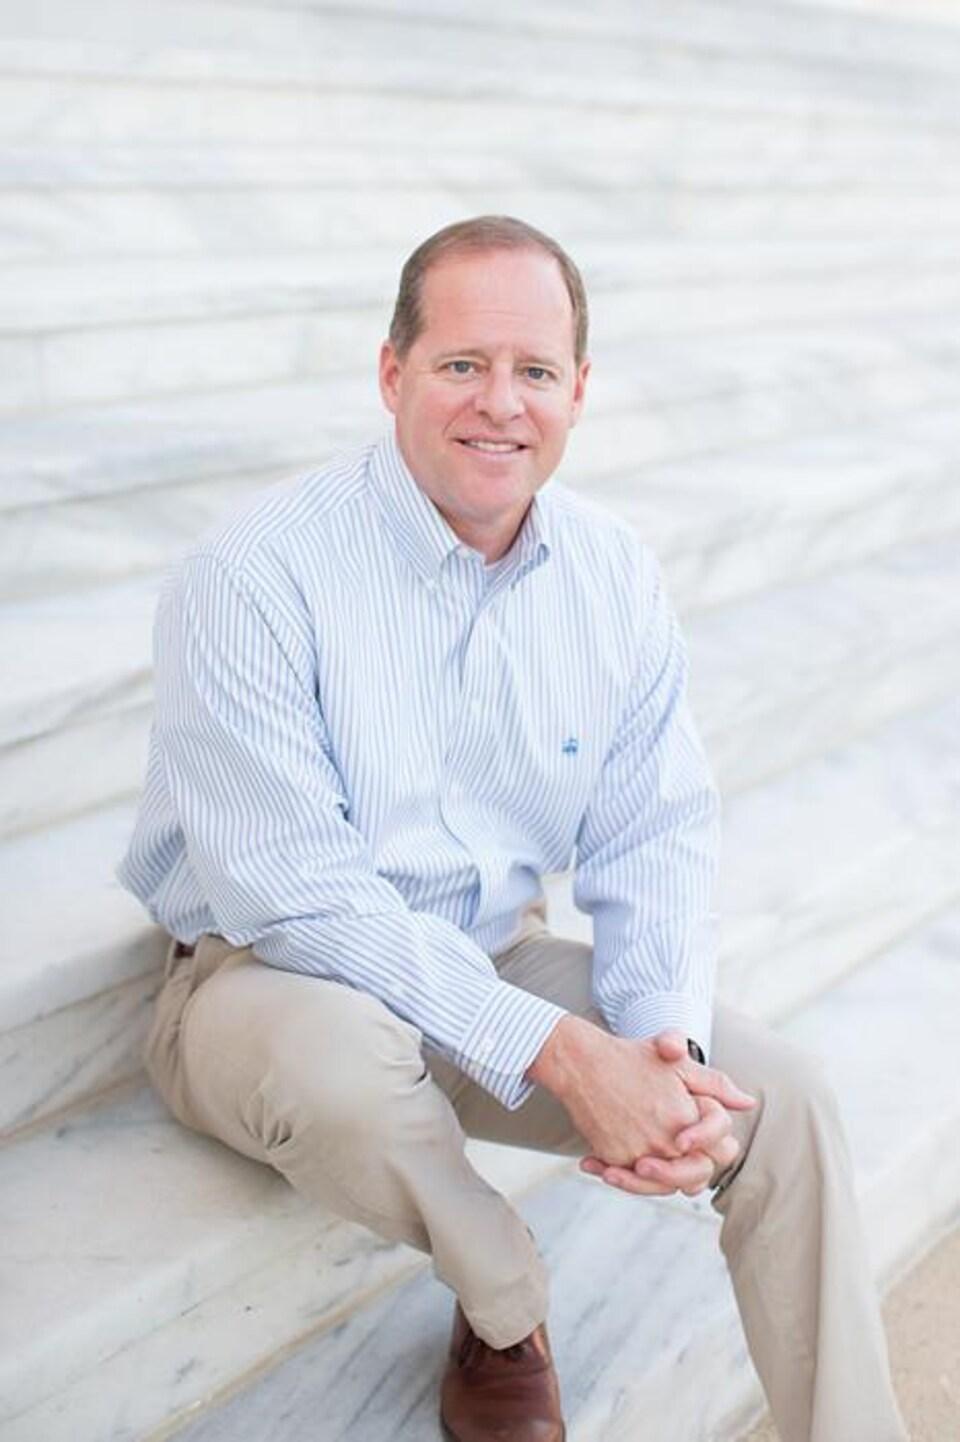 Un homme souriant, en chemise et pantalons de ville, est assis dans un escalier. Il regarde la caméra.